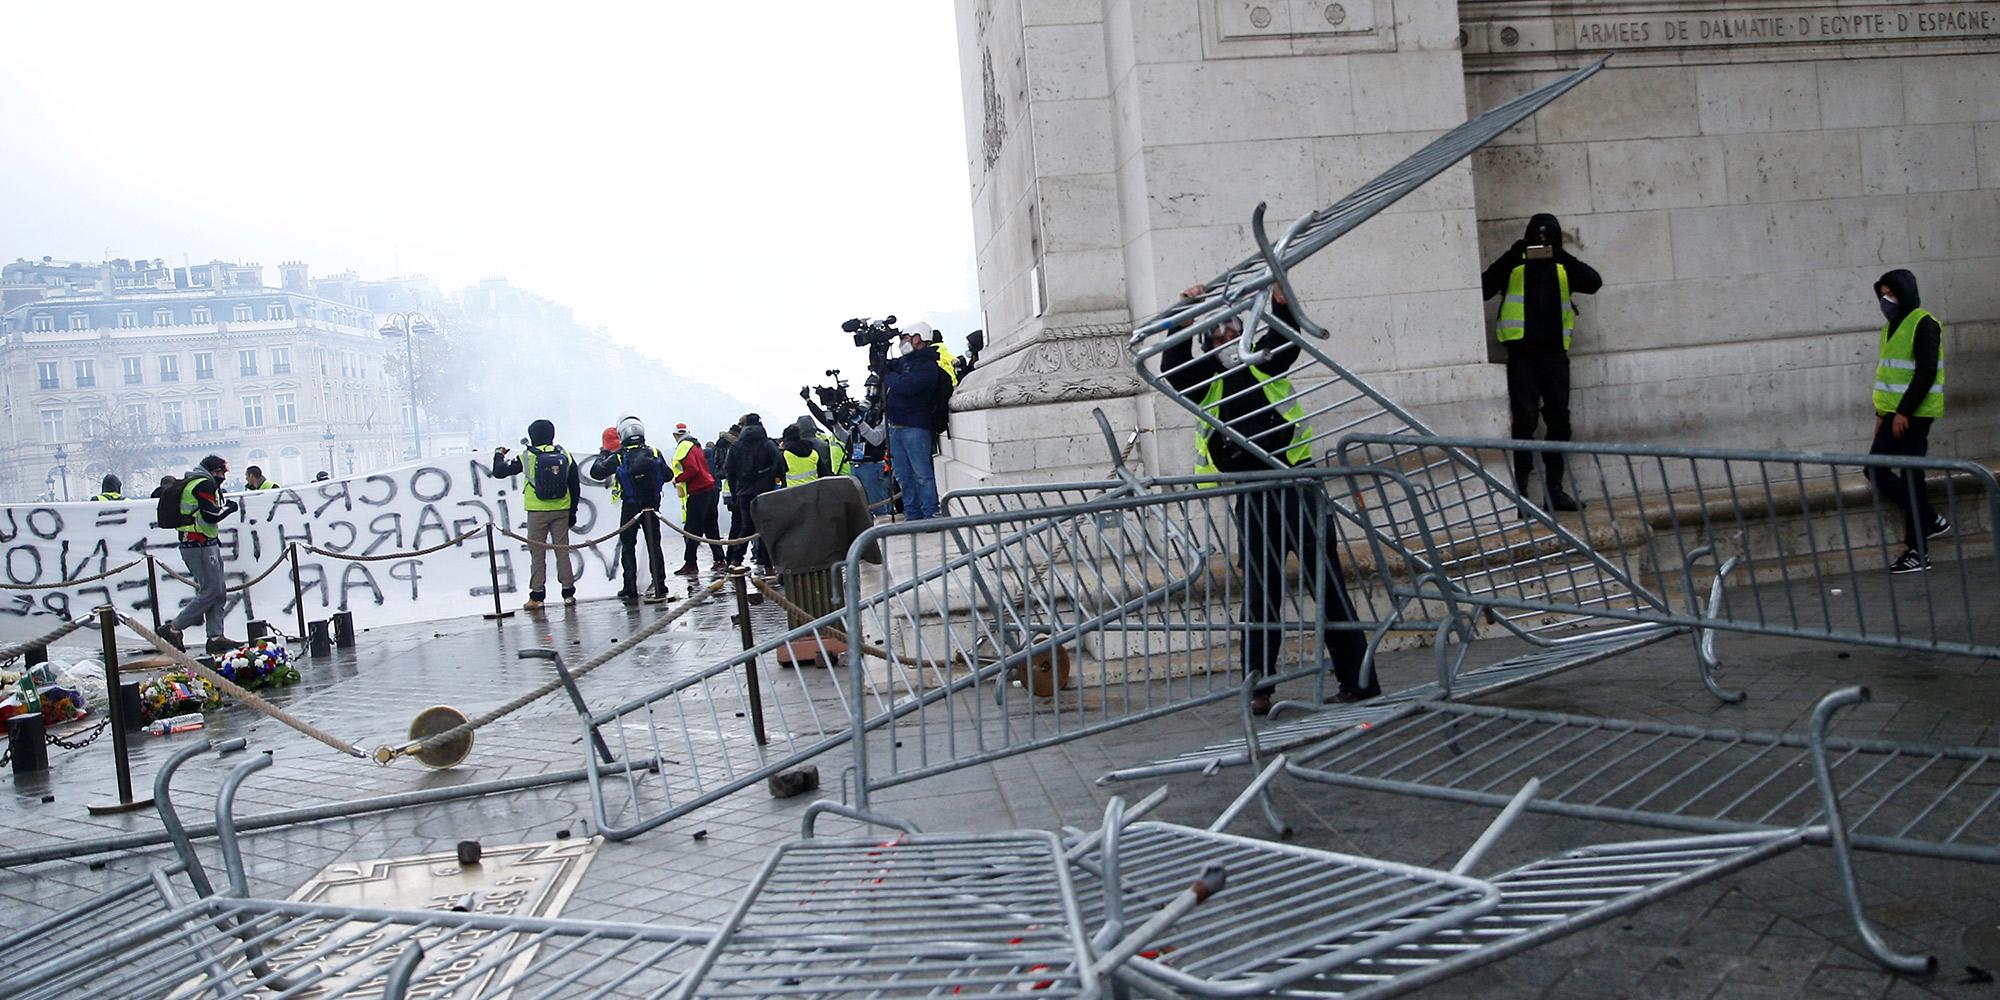 Gilets Jaunes Avant La Manifestation De Samedi La Prefecture De Paris Fait Enlever Tout Projectile